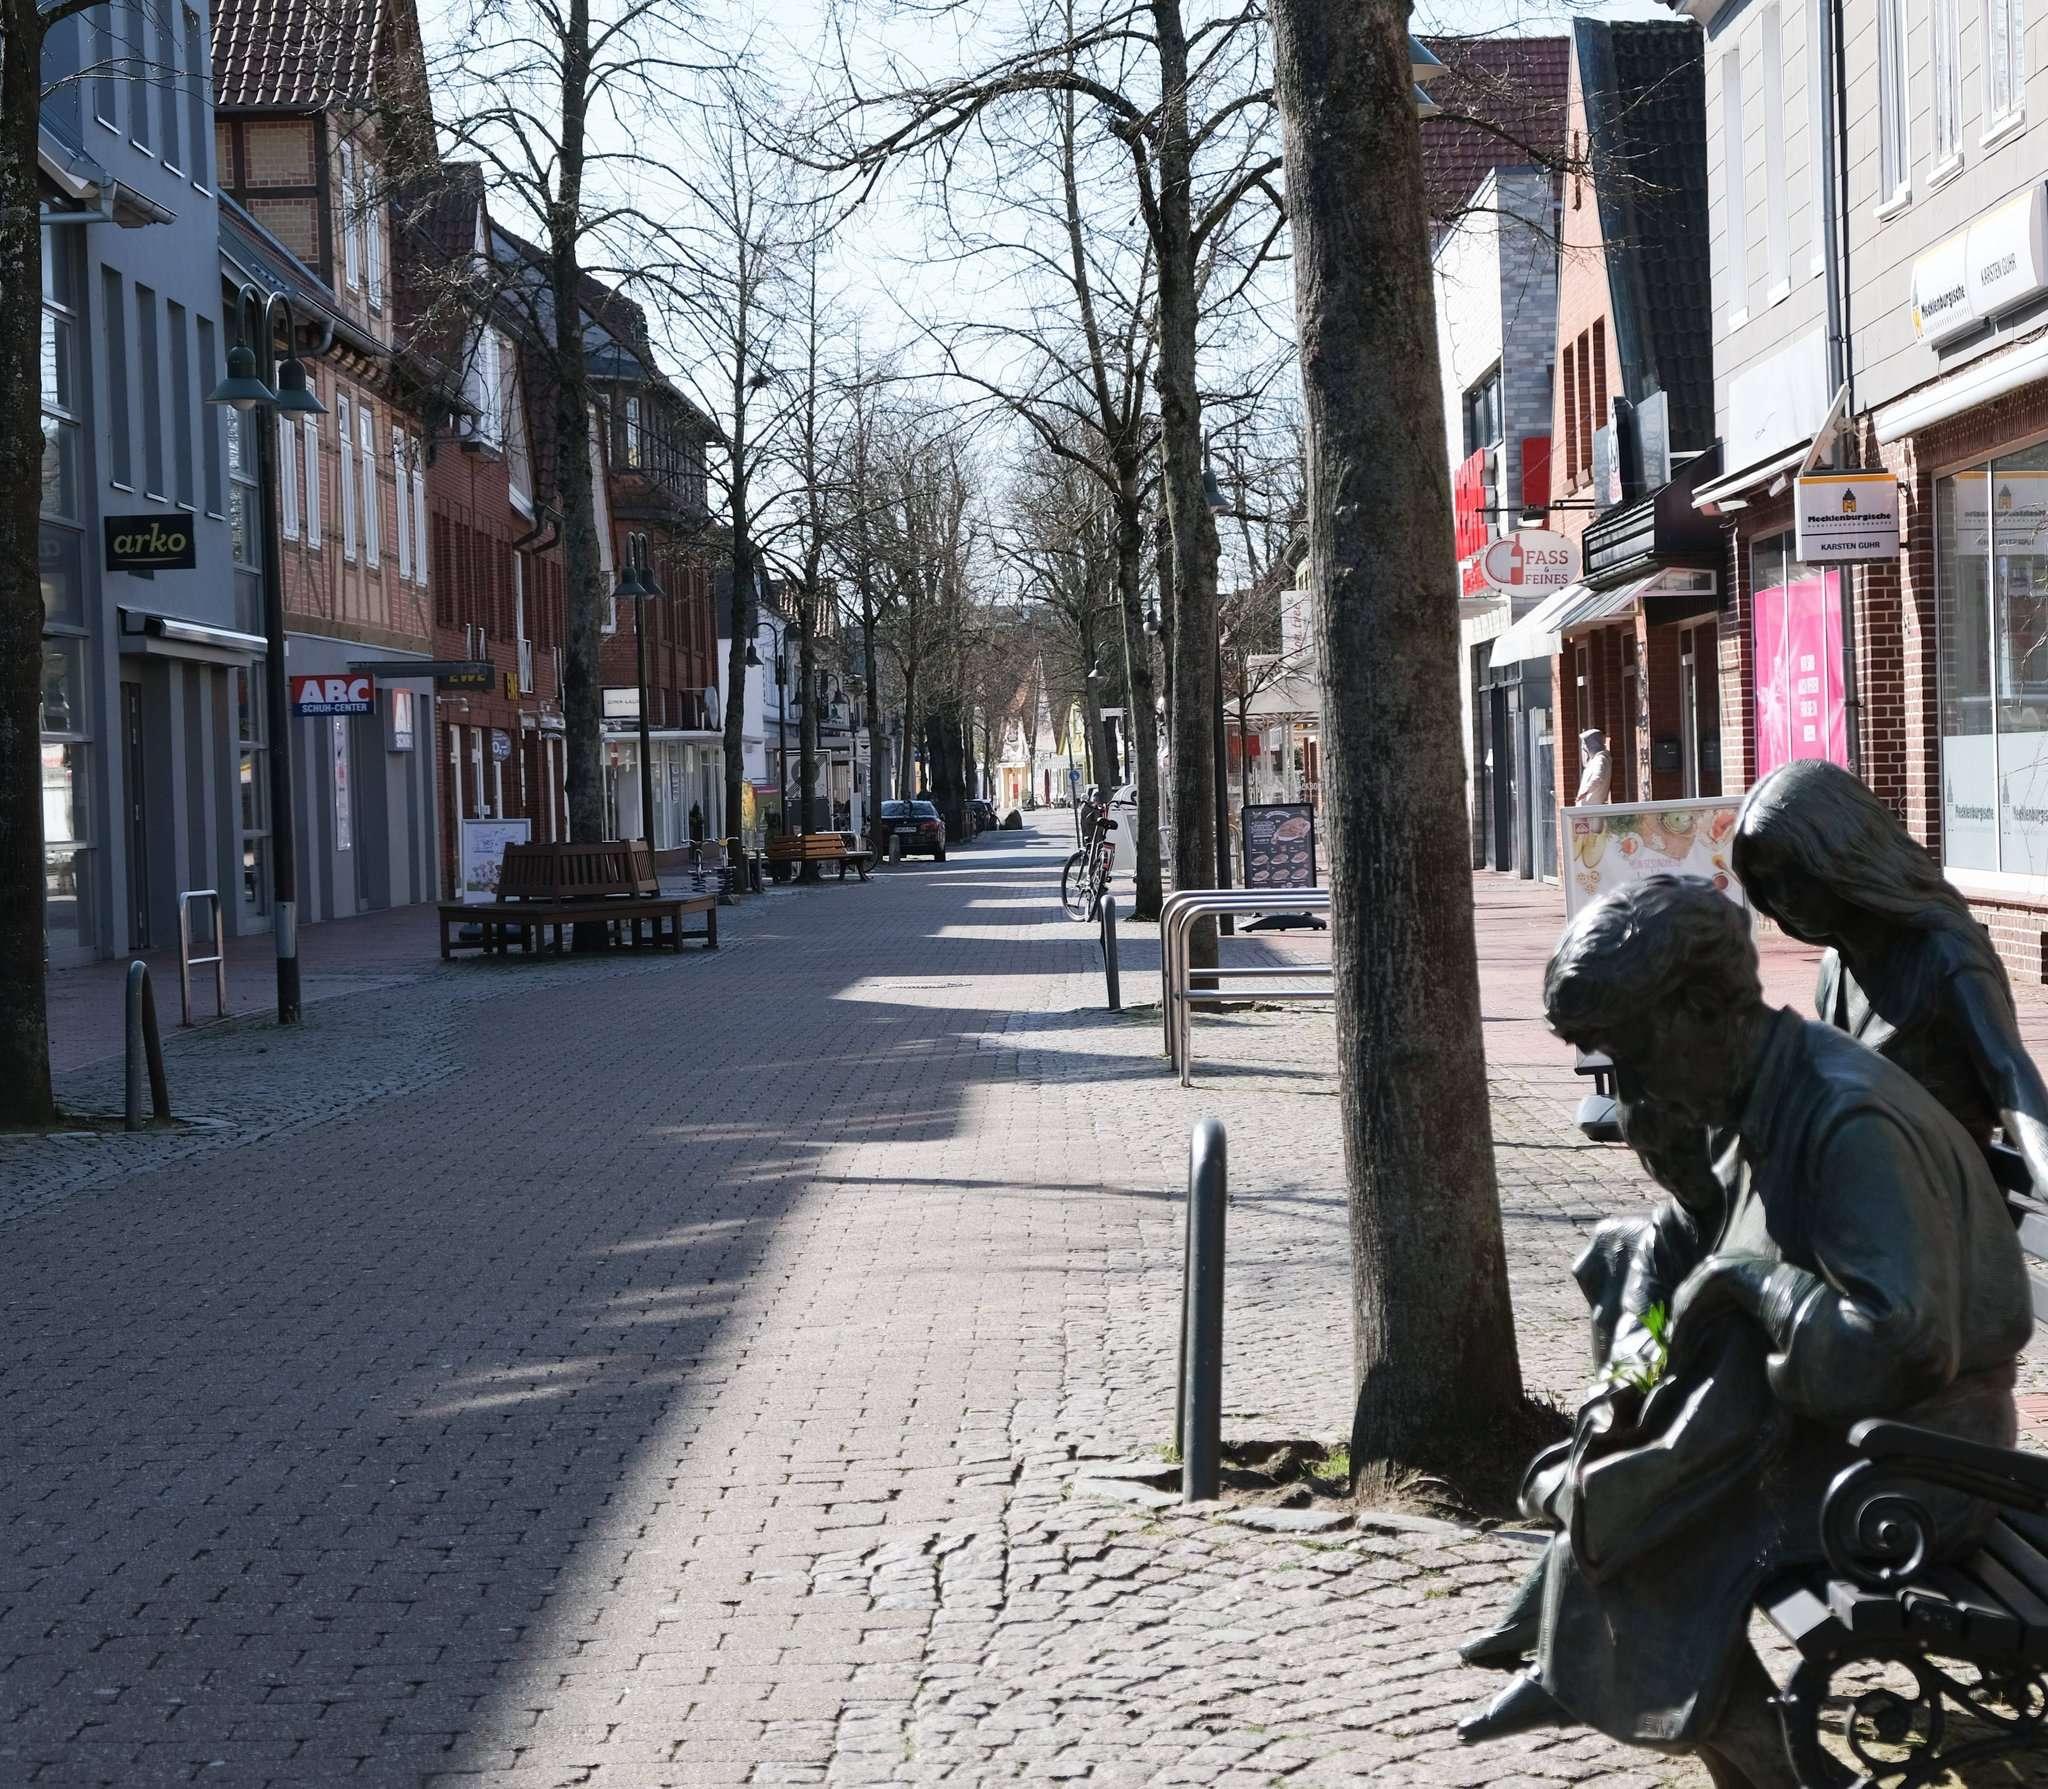 Das frühlingshafte Wetter lädt zu einem Bummel ein, doch die Geschäfte in der Großen Straße in Rotenburg bleiben geschlossen.